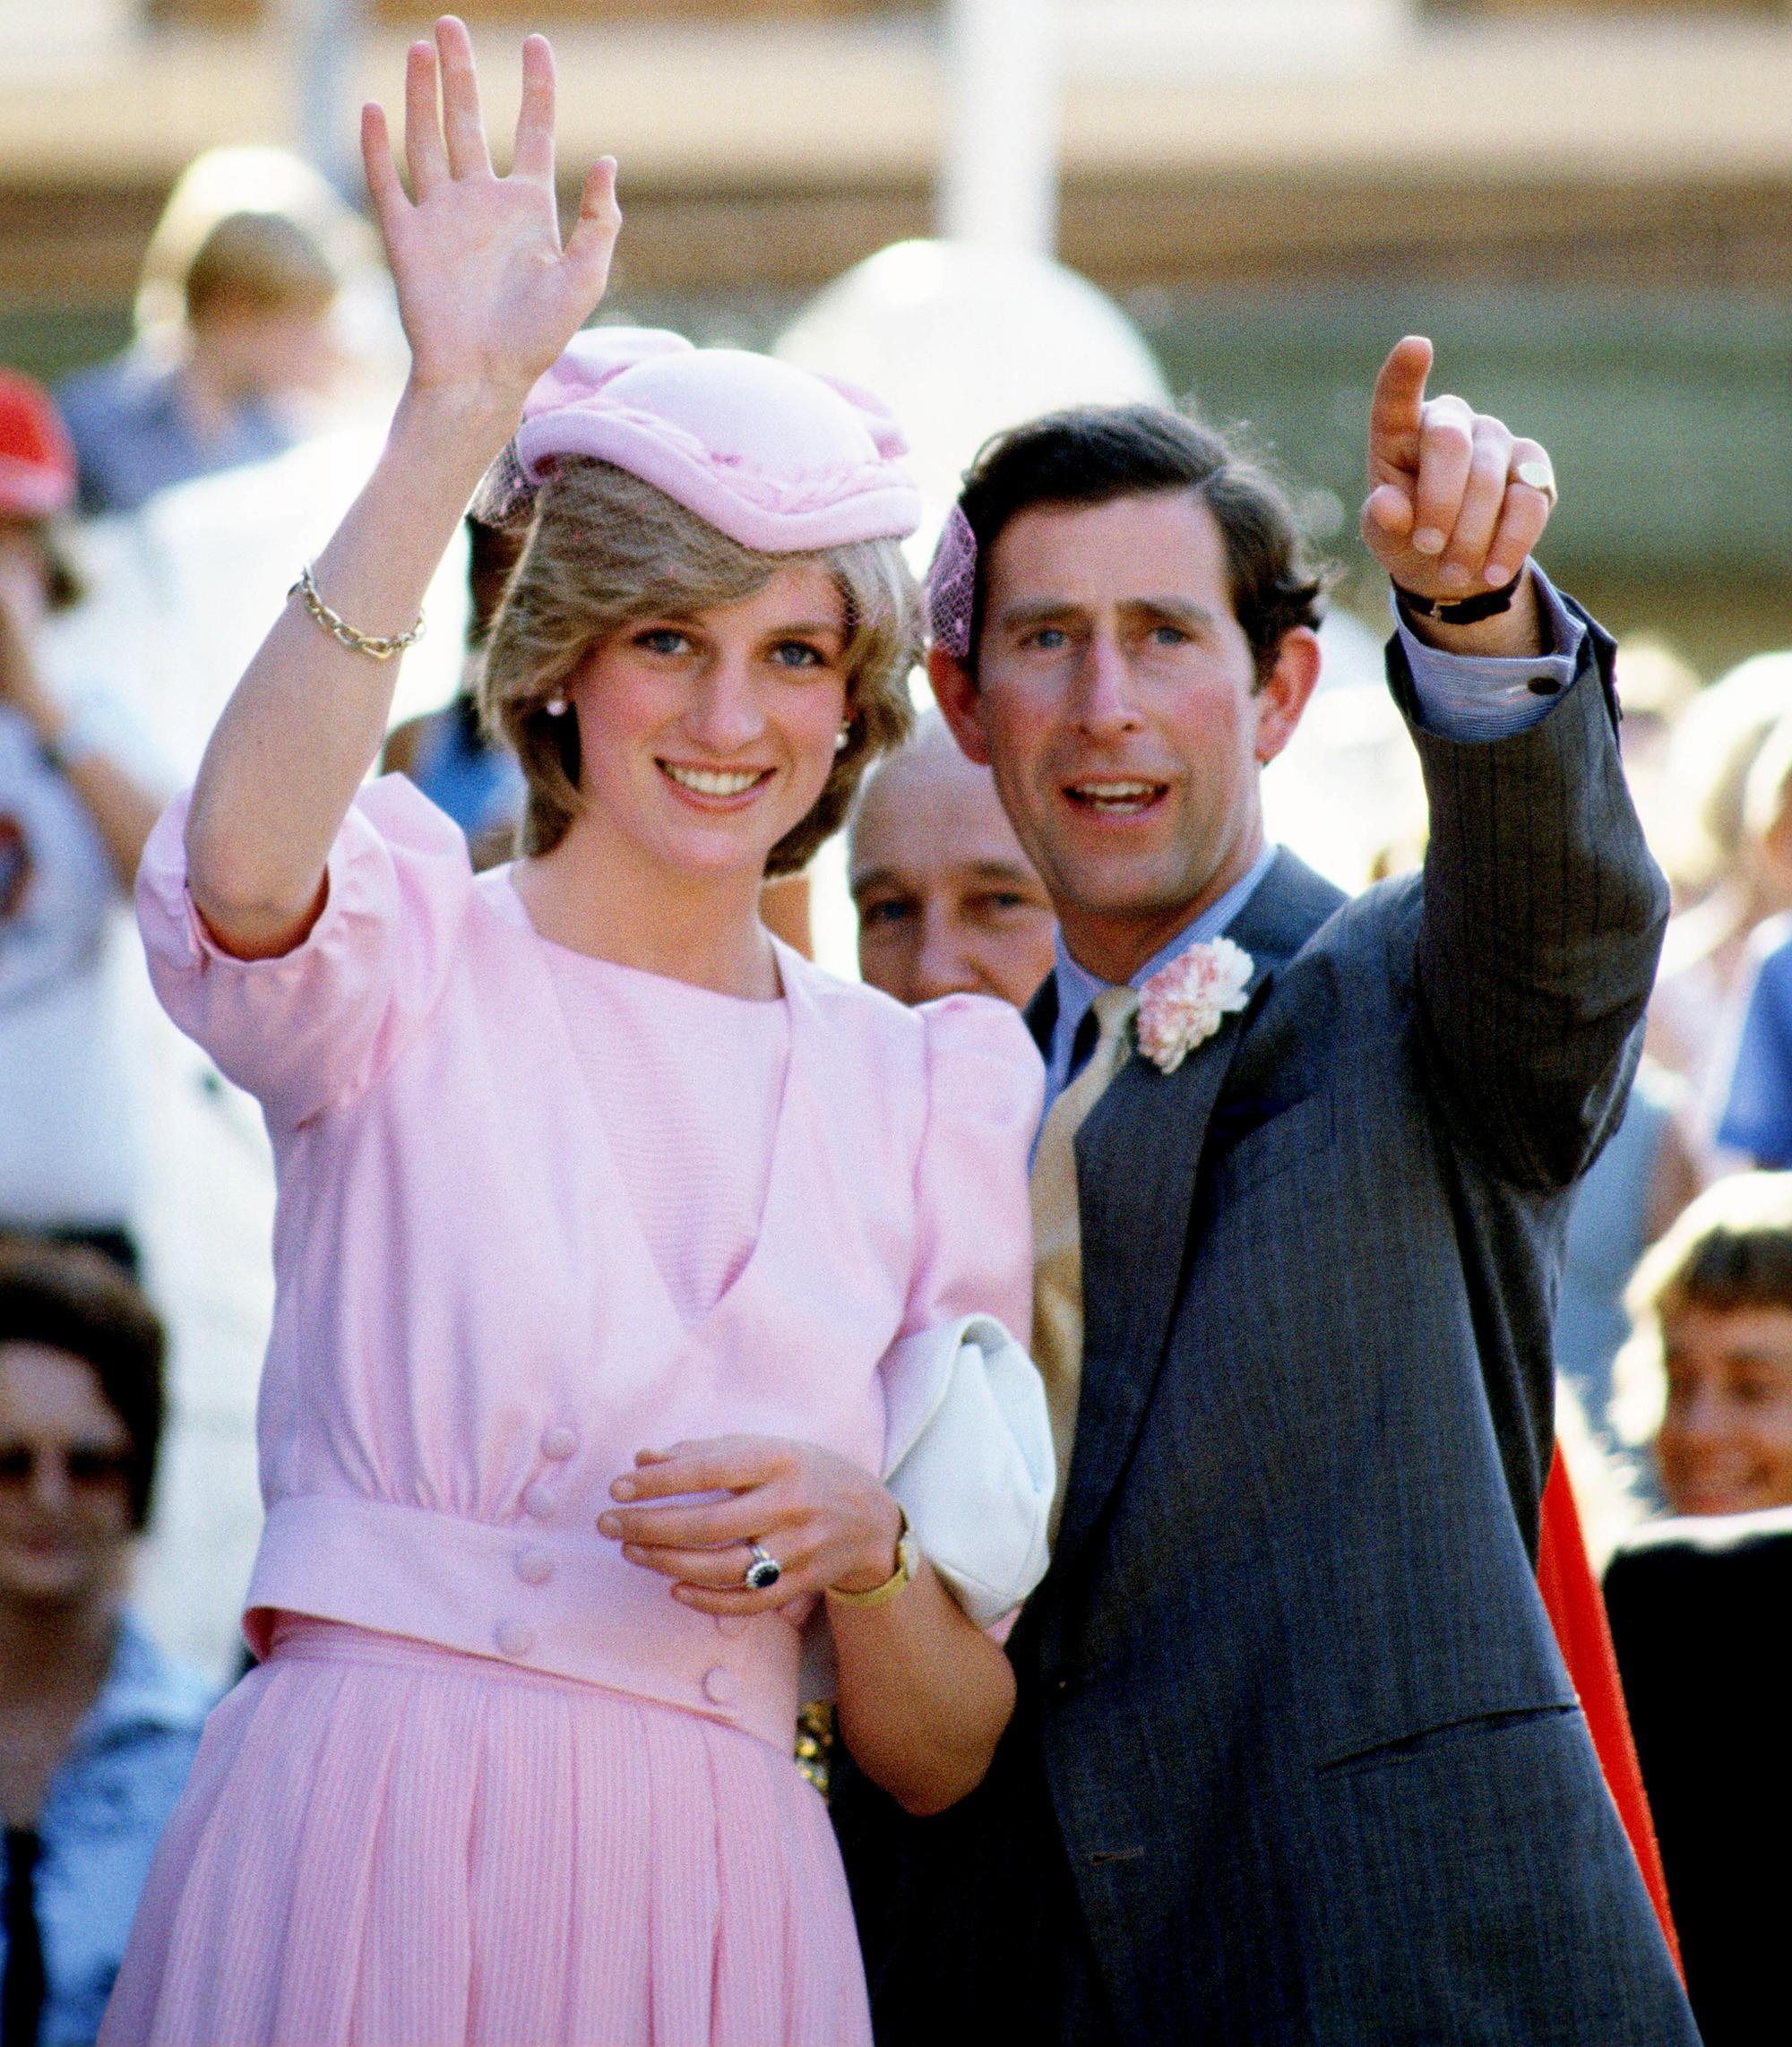 Lần đầu hé lộ nguyên do bất ngờ khiến Thái tử Charles lạnh nhạt với Công nương Diana, luôn nhớ về người cũ - Ảnh 2.